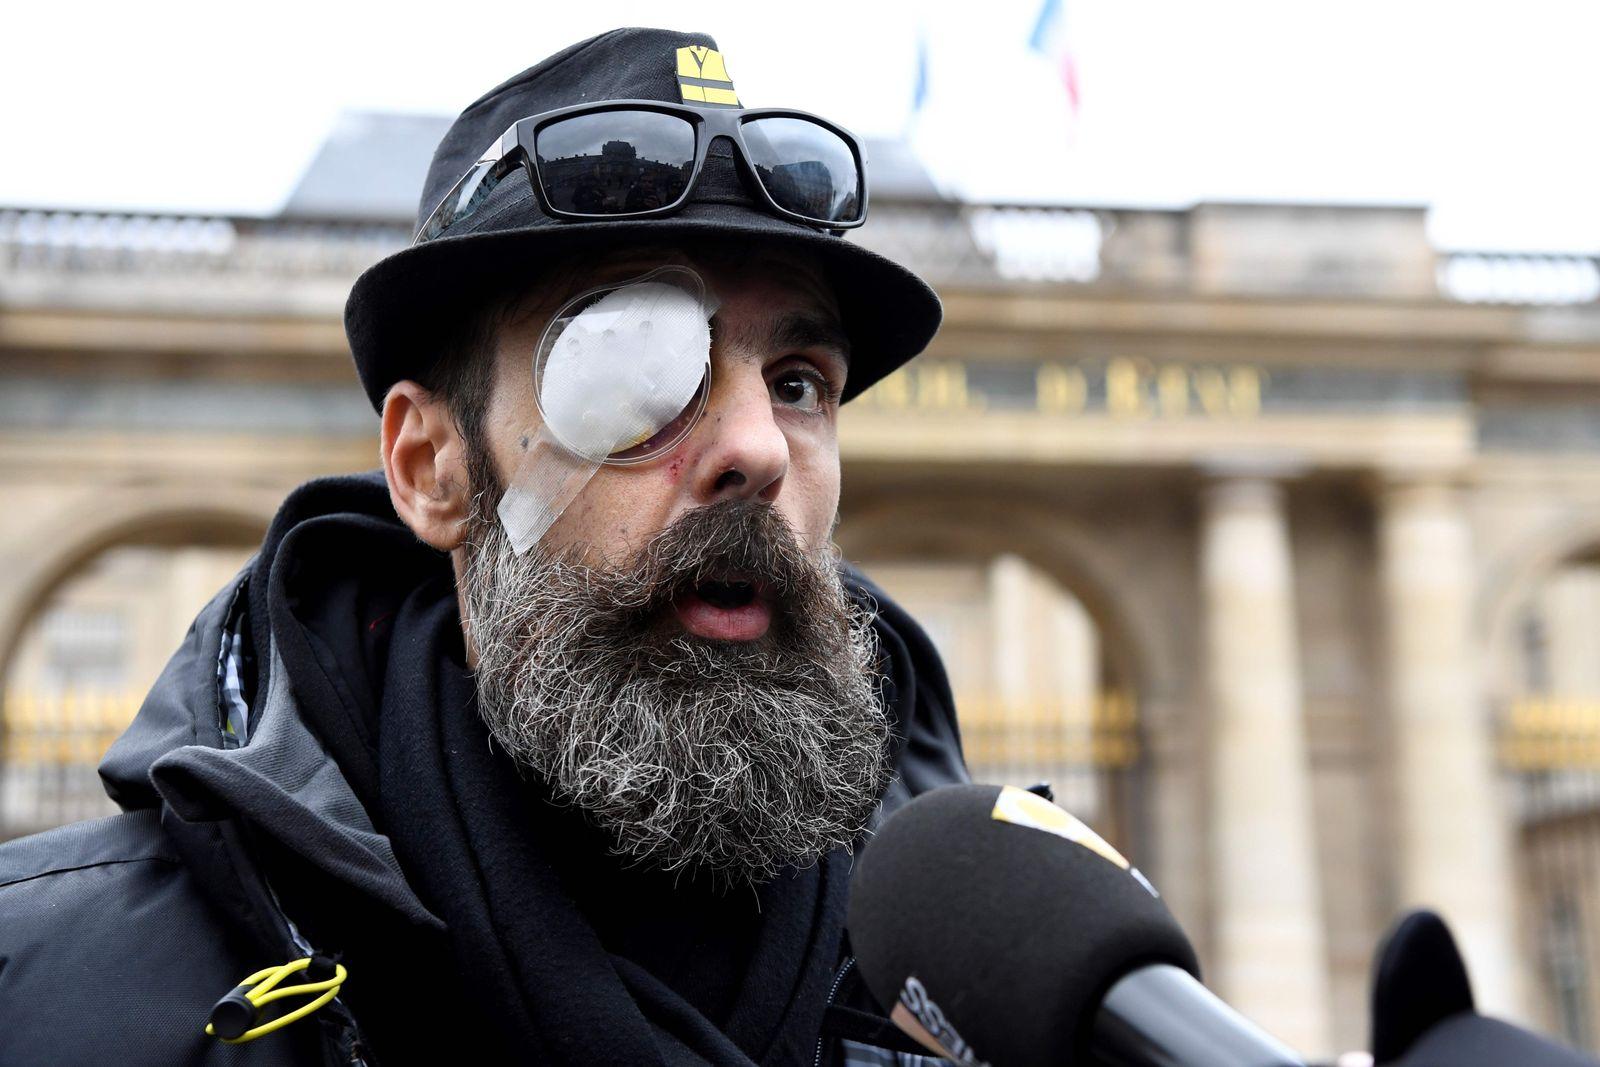 FRANCE-POLITICS-SOCIAL-DEMO-POLICE